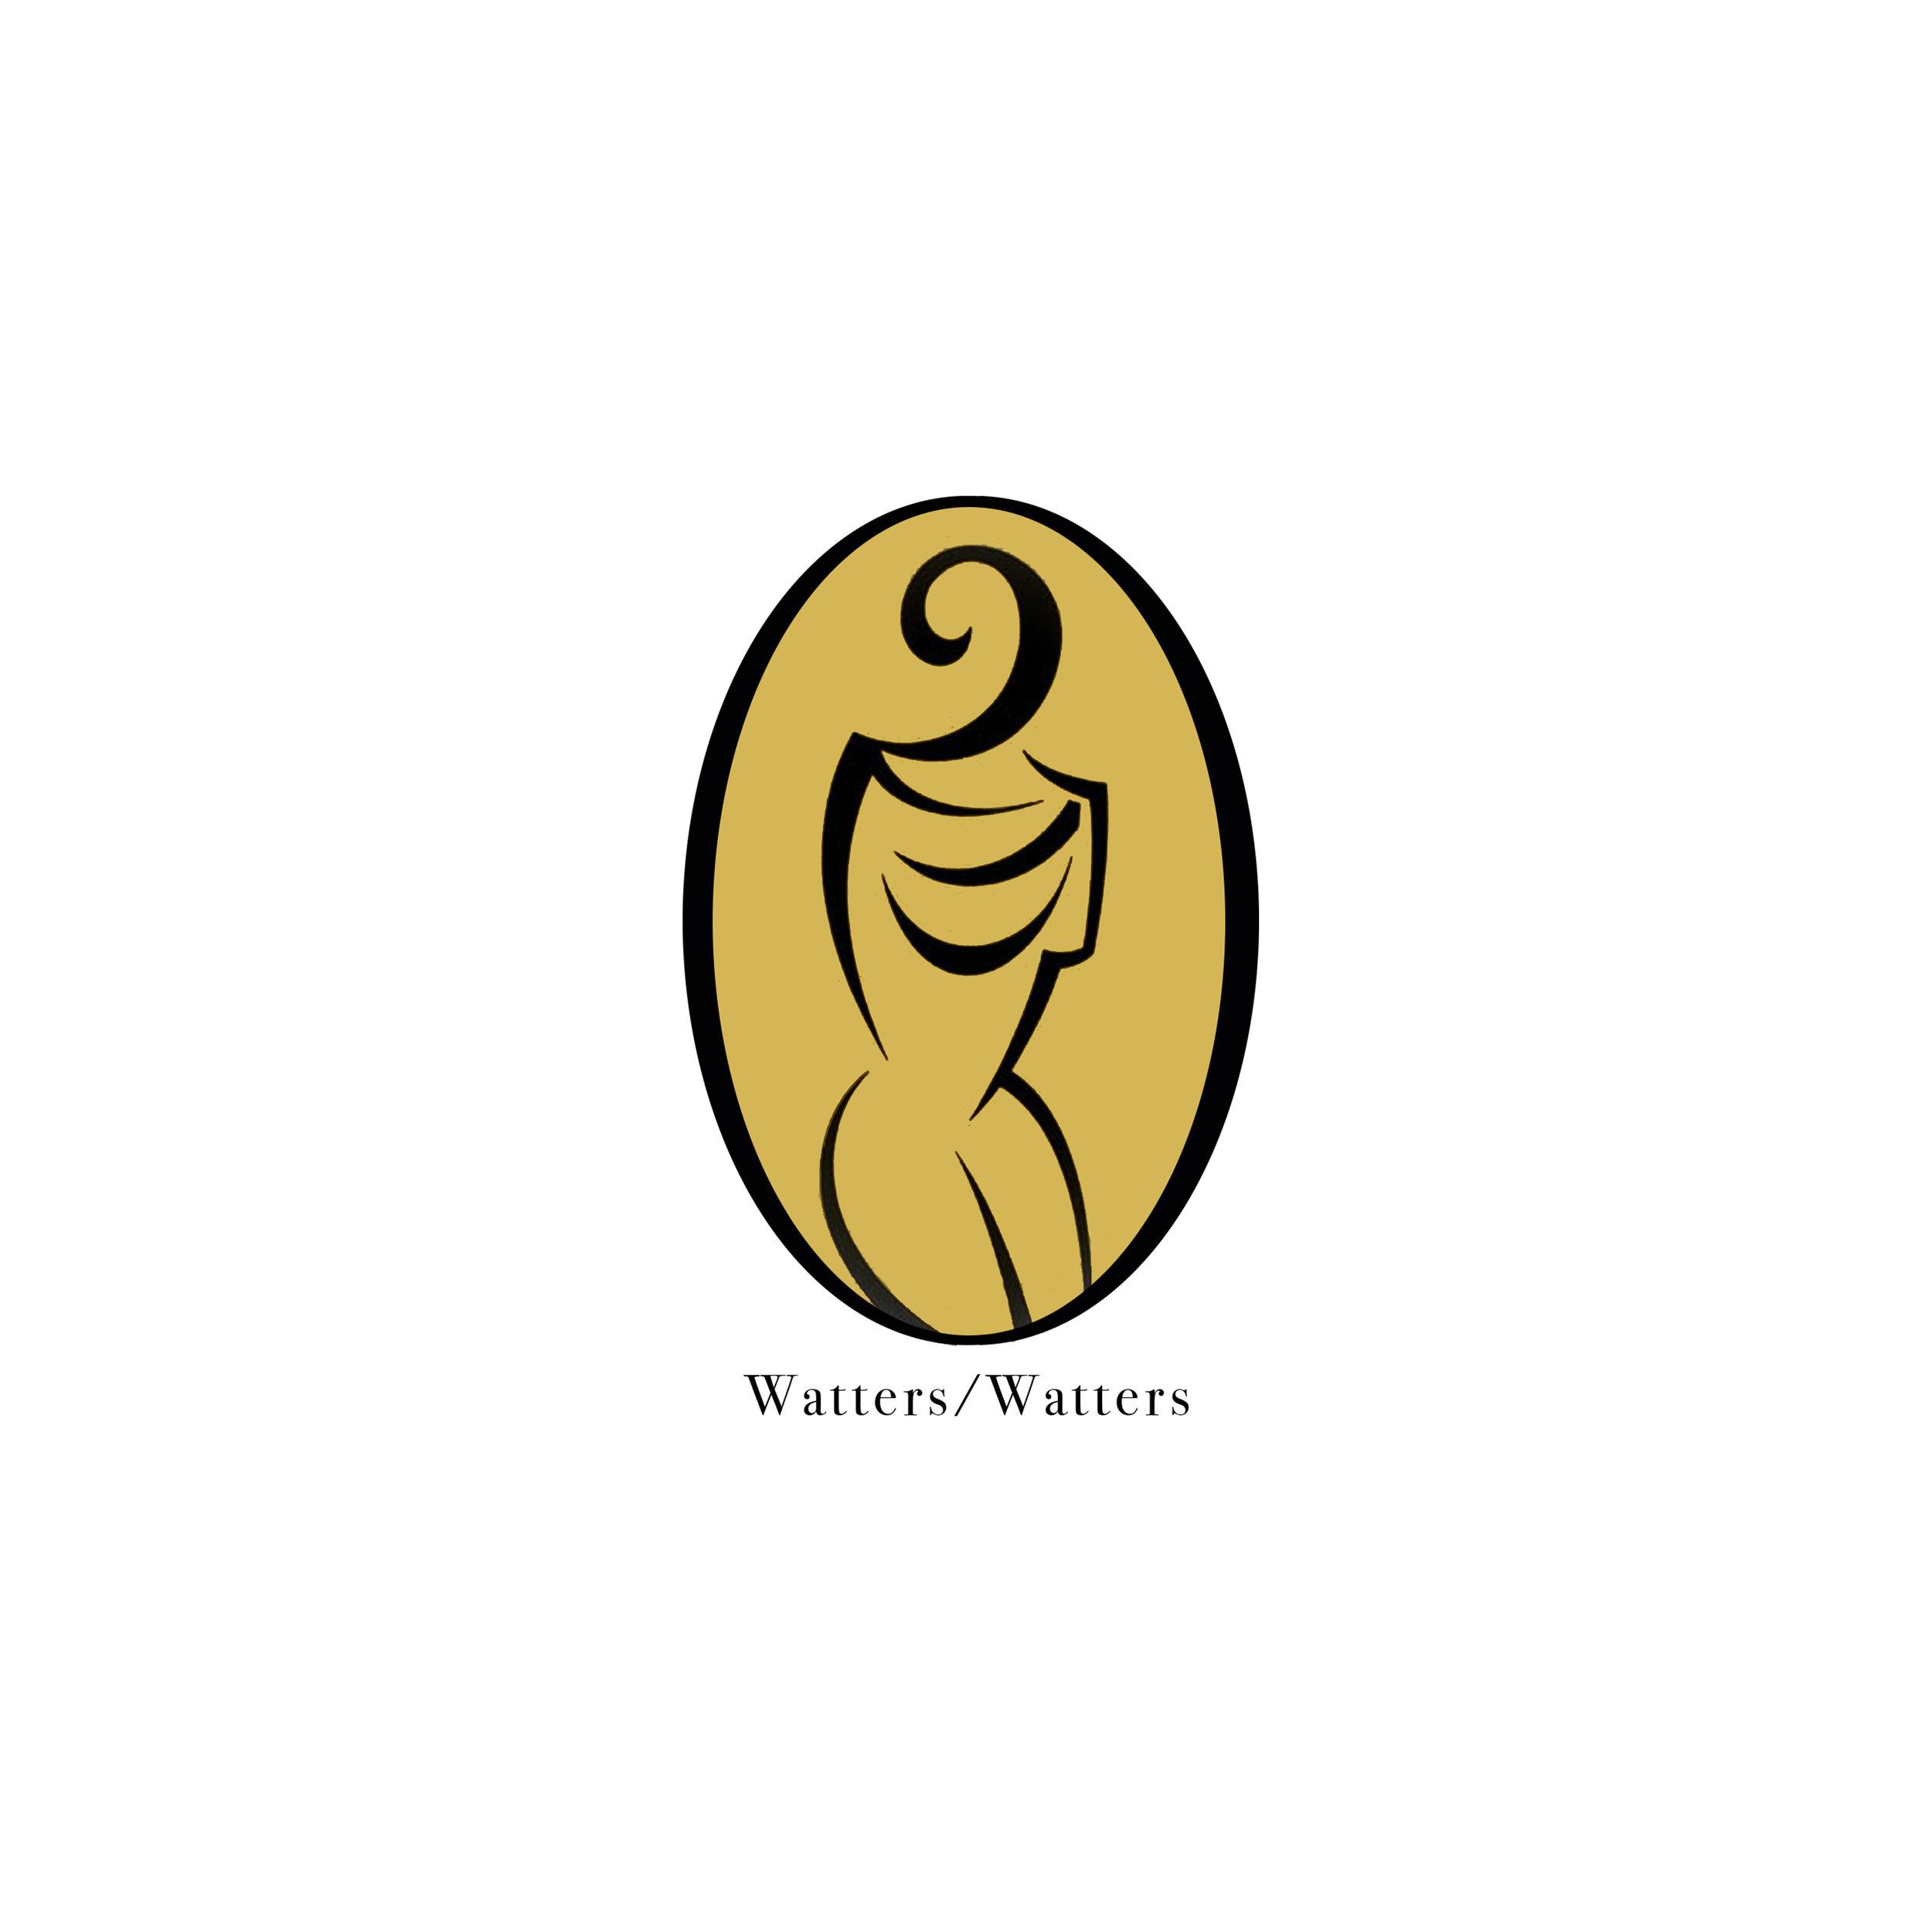 Watters-4-site.jpg